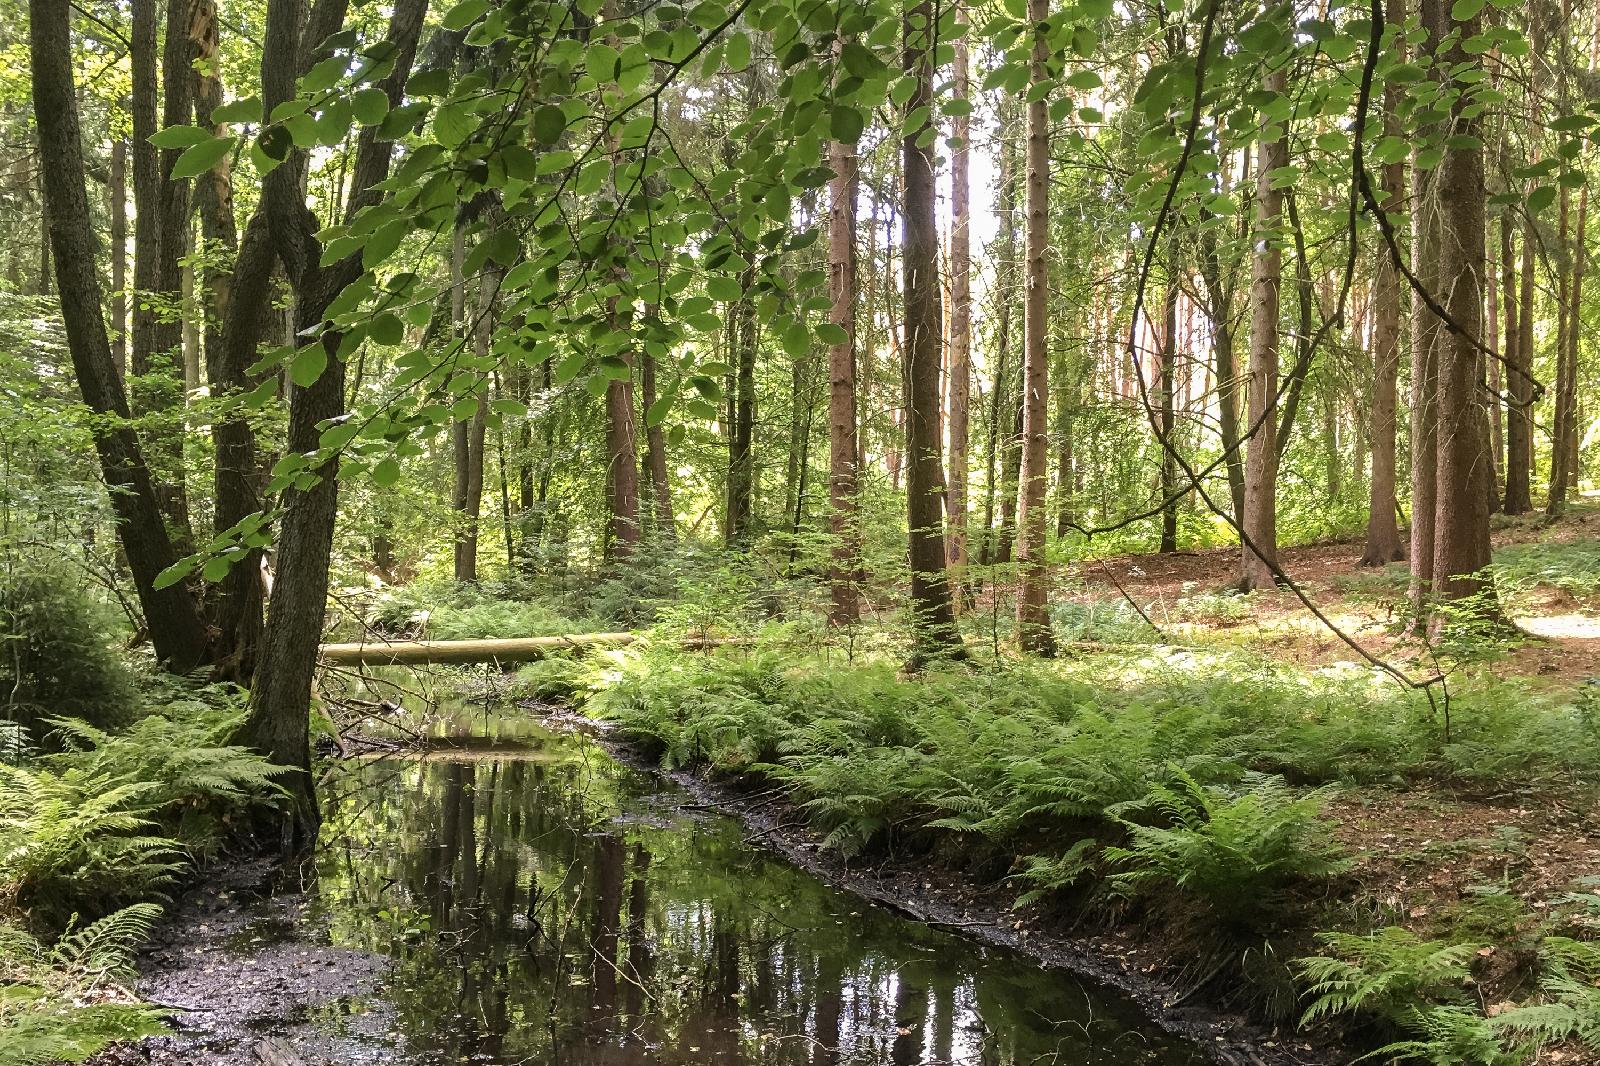 Naturpark_Barnim_Tegeler_Fliess_Foto_Weigelt